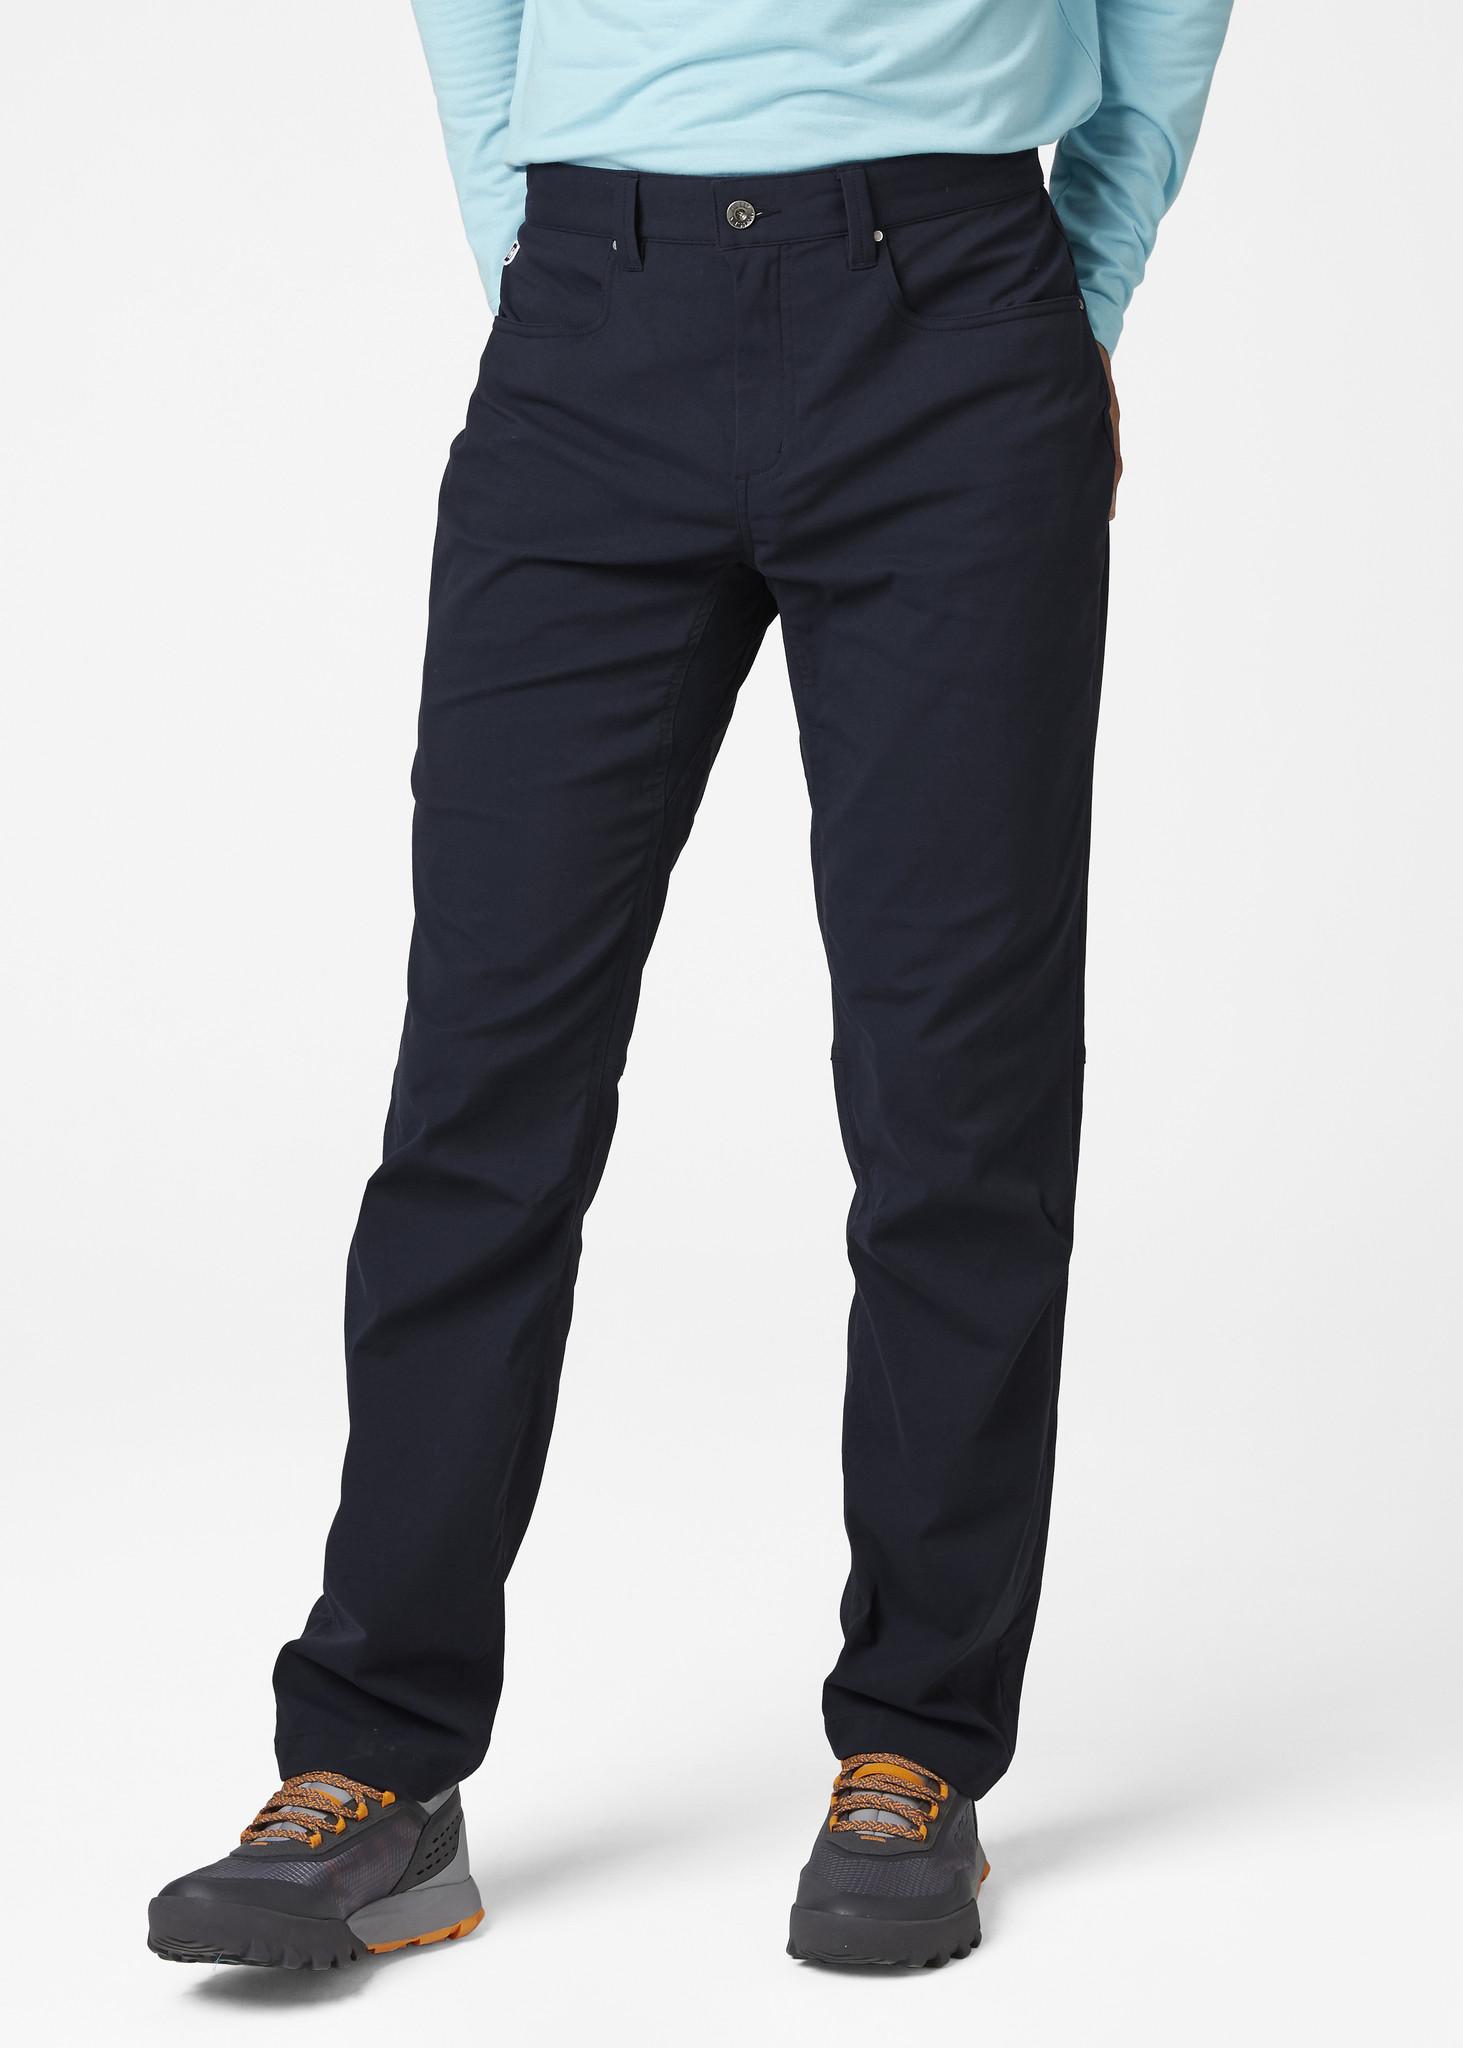 Helly Hansen Holmen 5 Pocket Pant - Navy